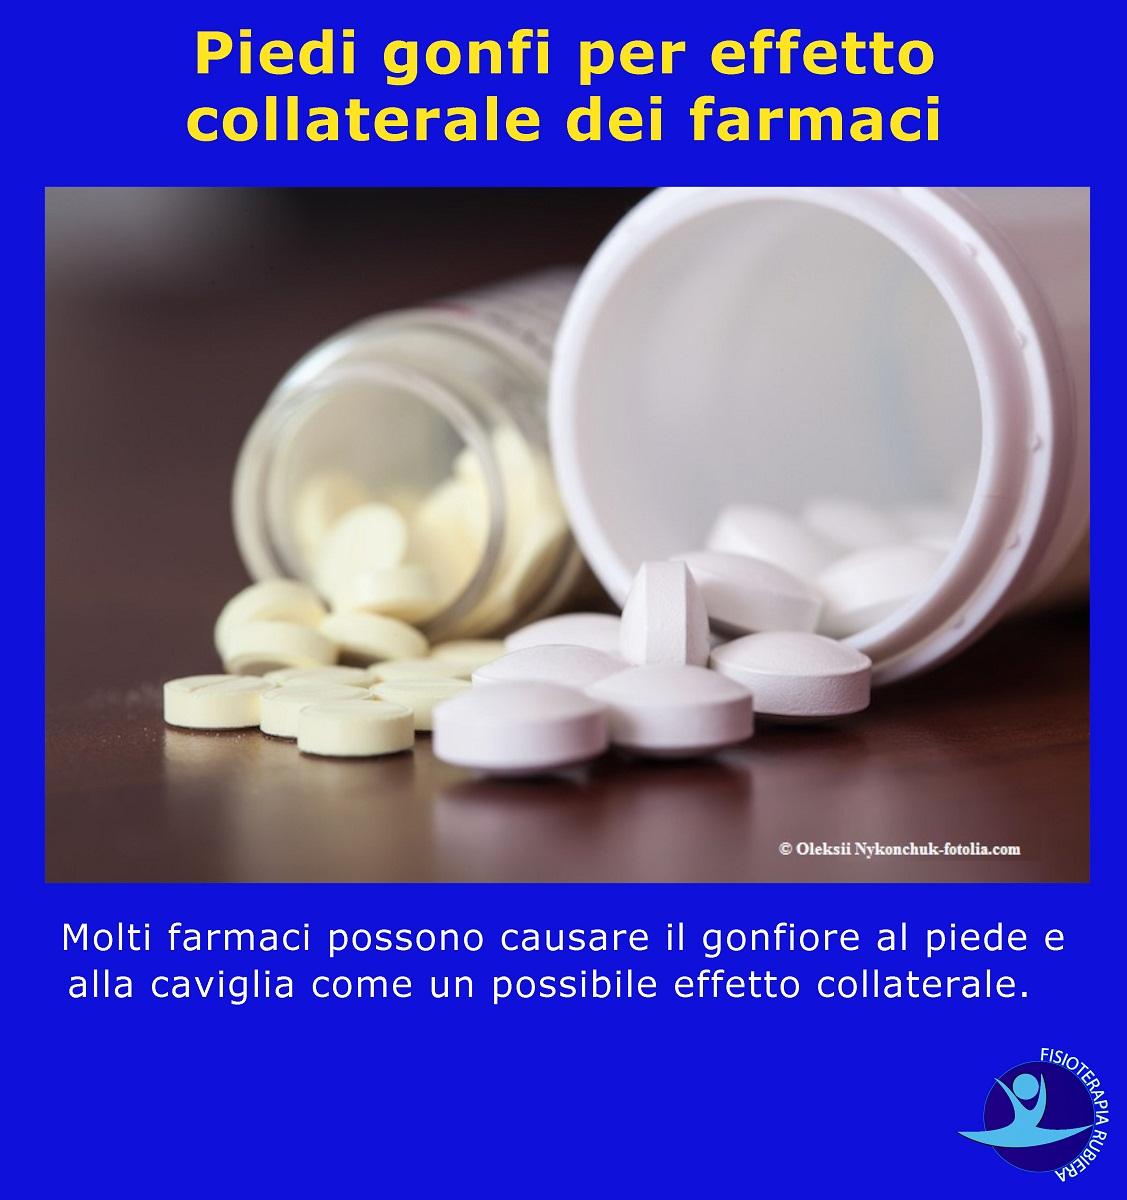 Piedi gonfi per effetto collaterale dei farmaci